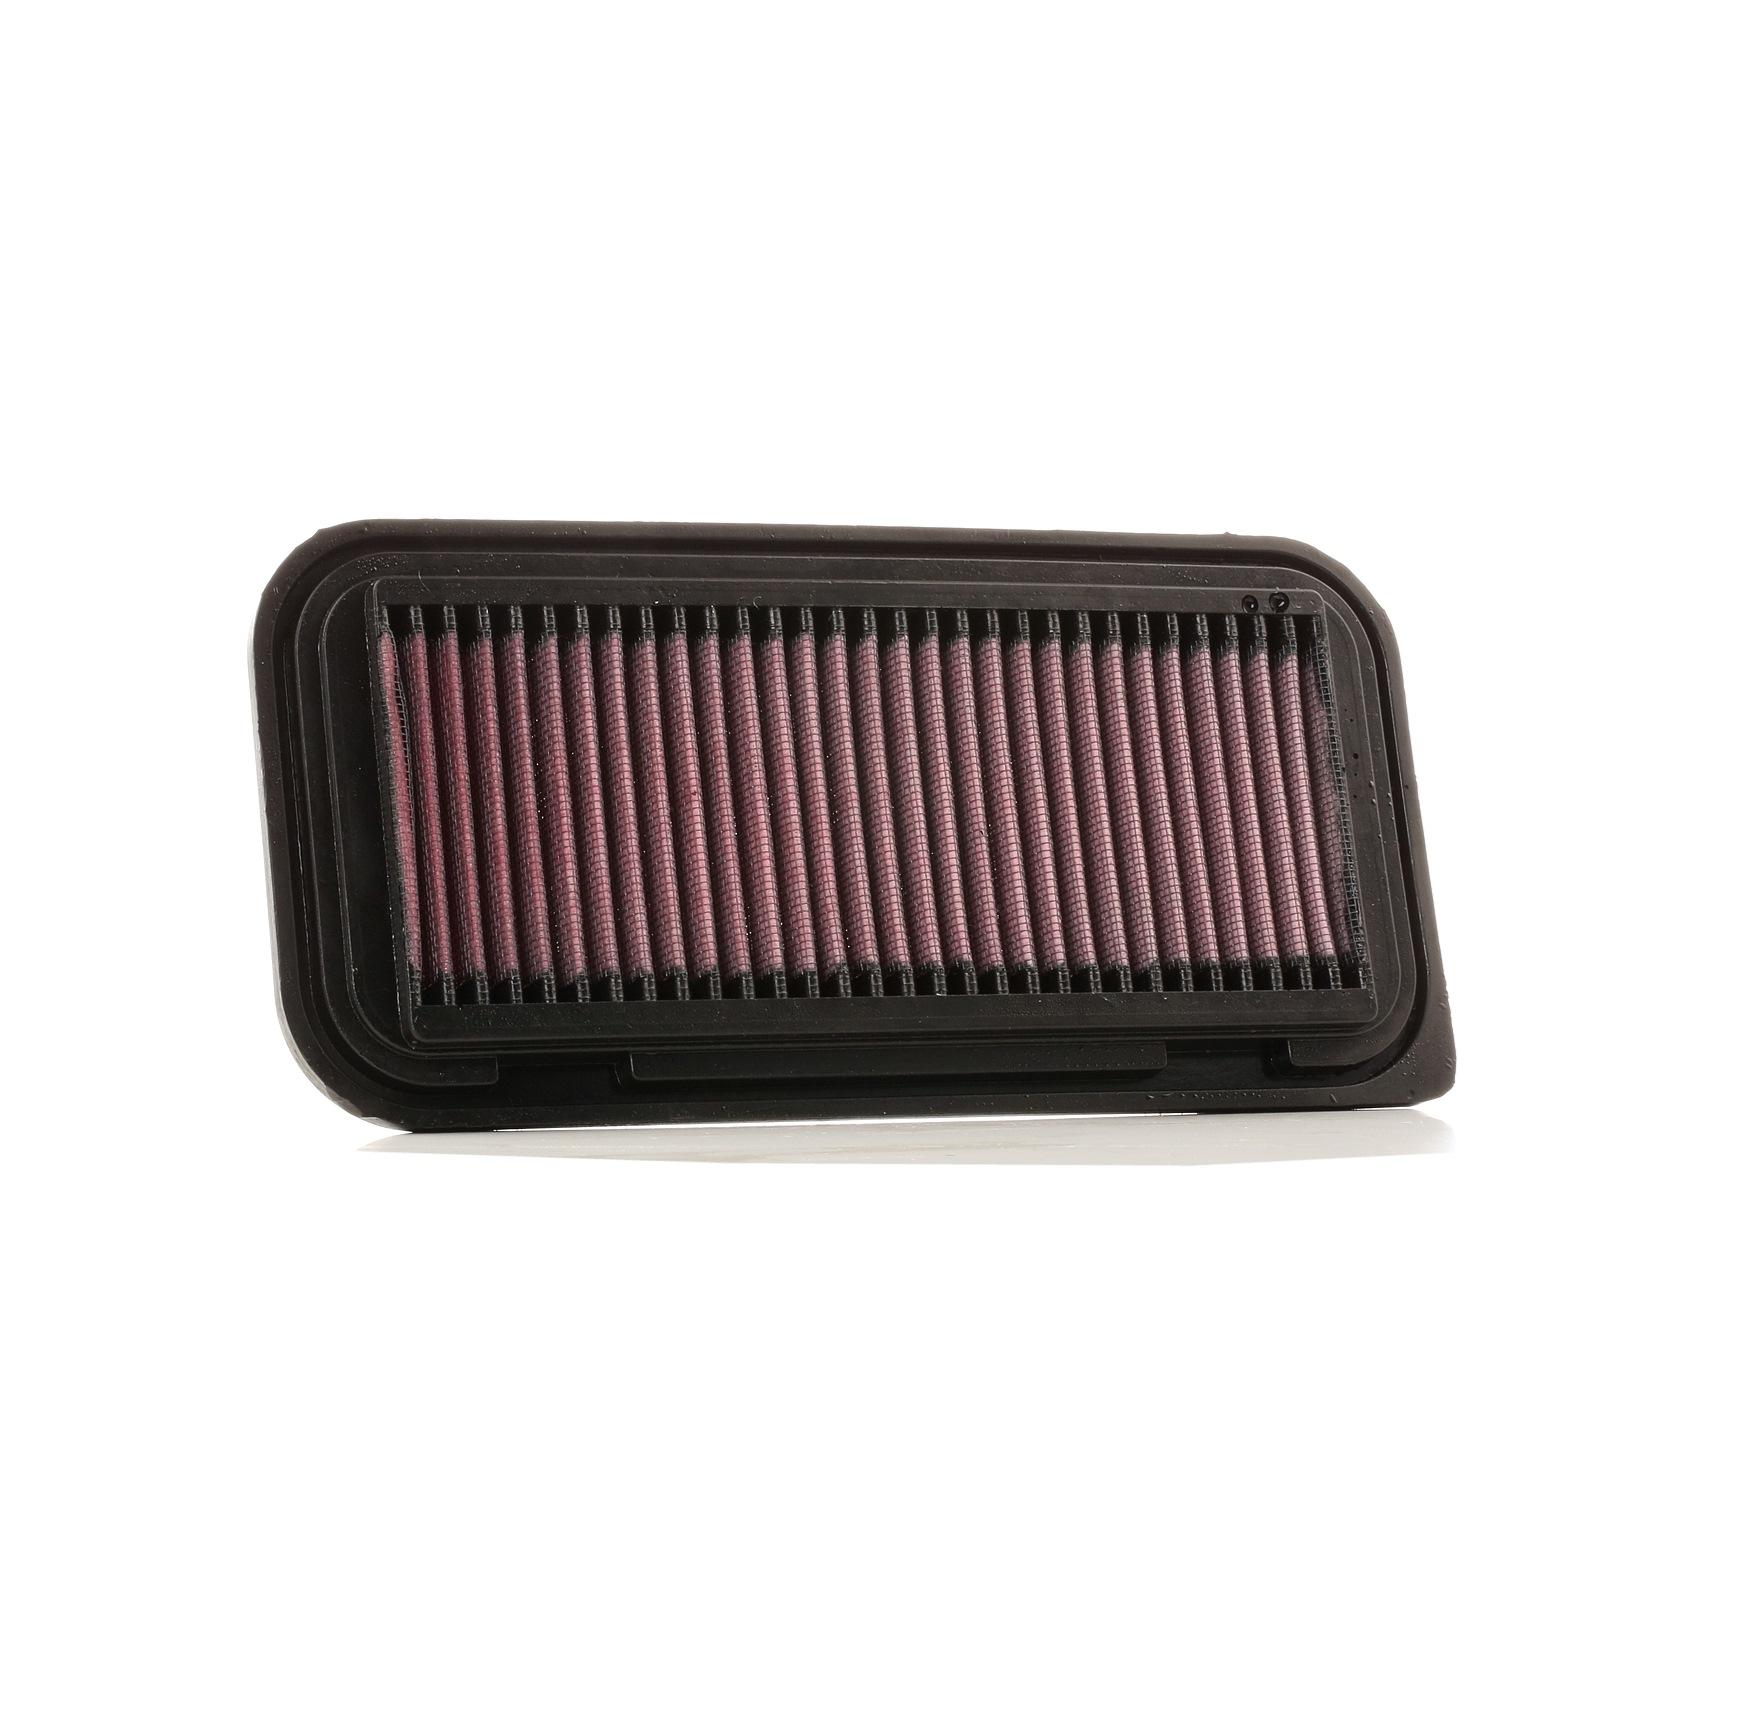 Zracni filter 33-2211 za DAIHATSU nizke cene - Nakupujte zdaj!